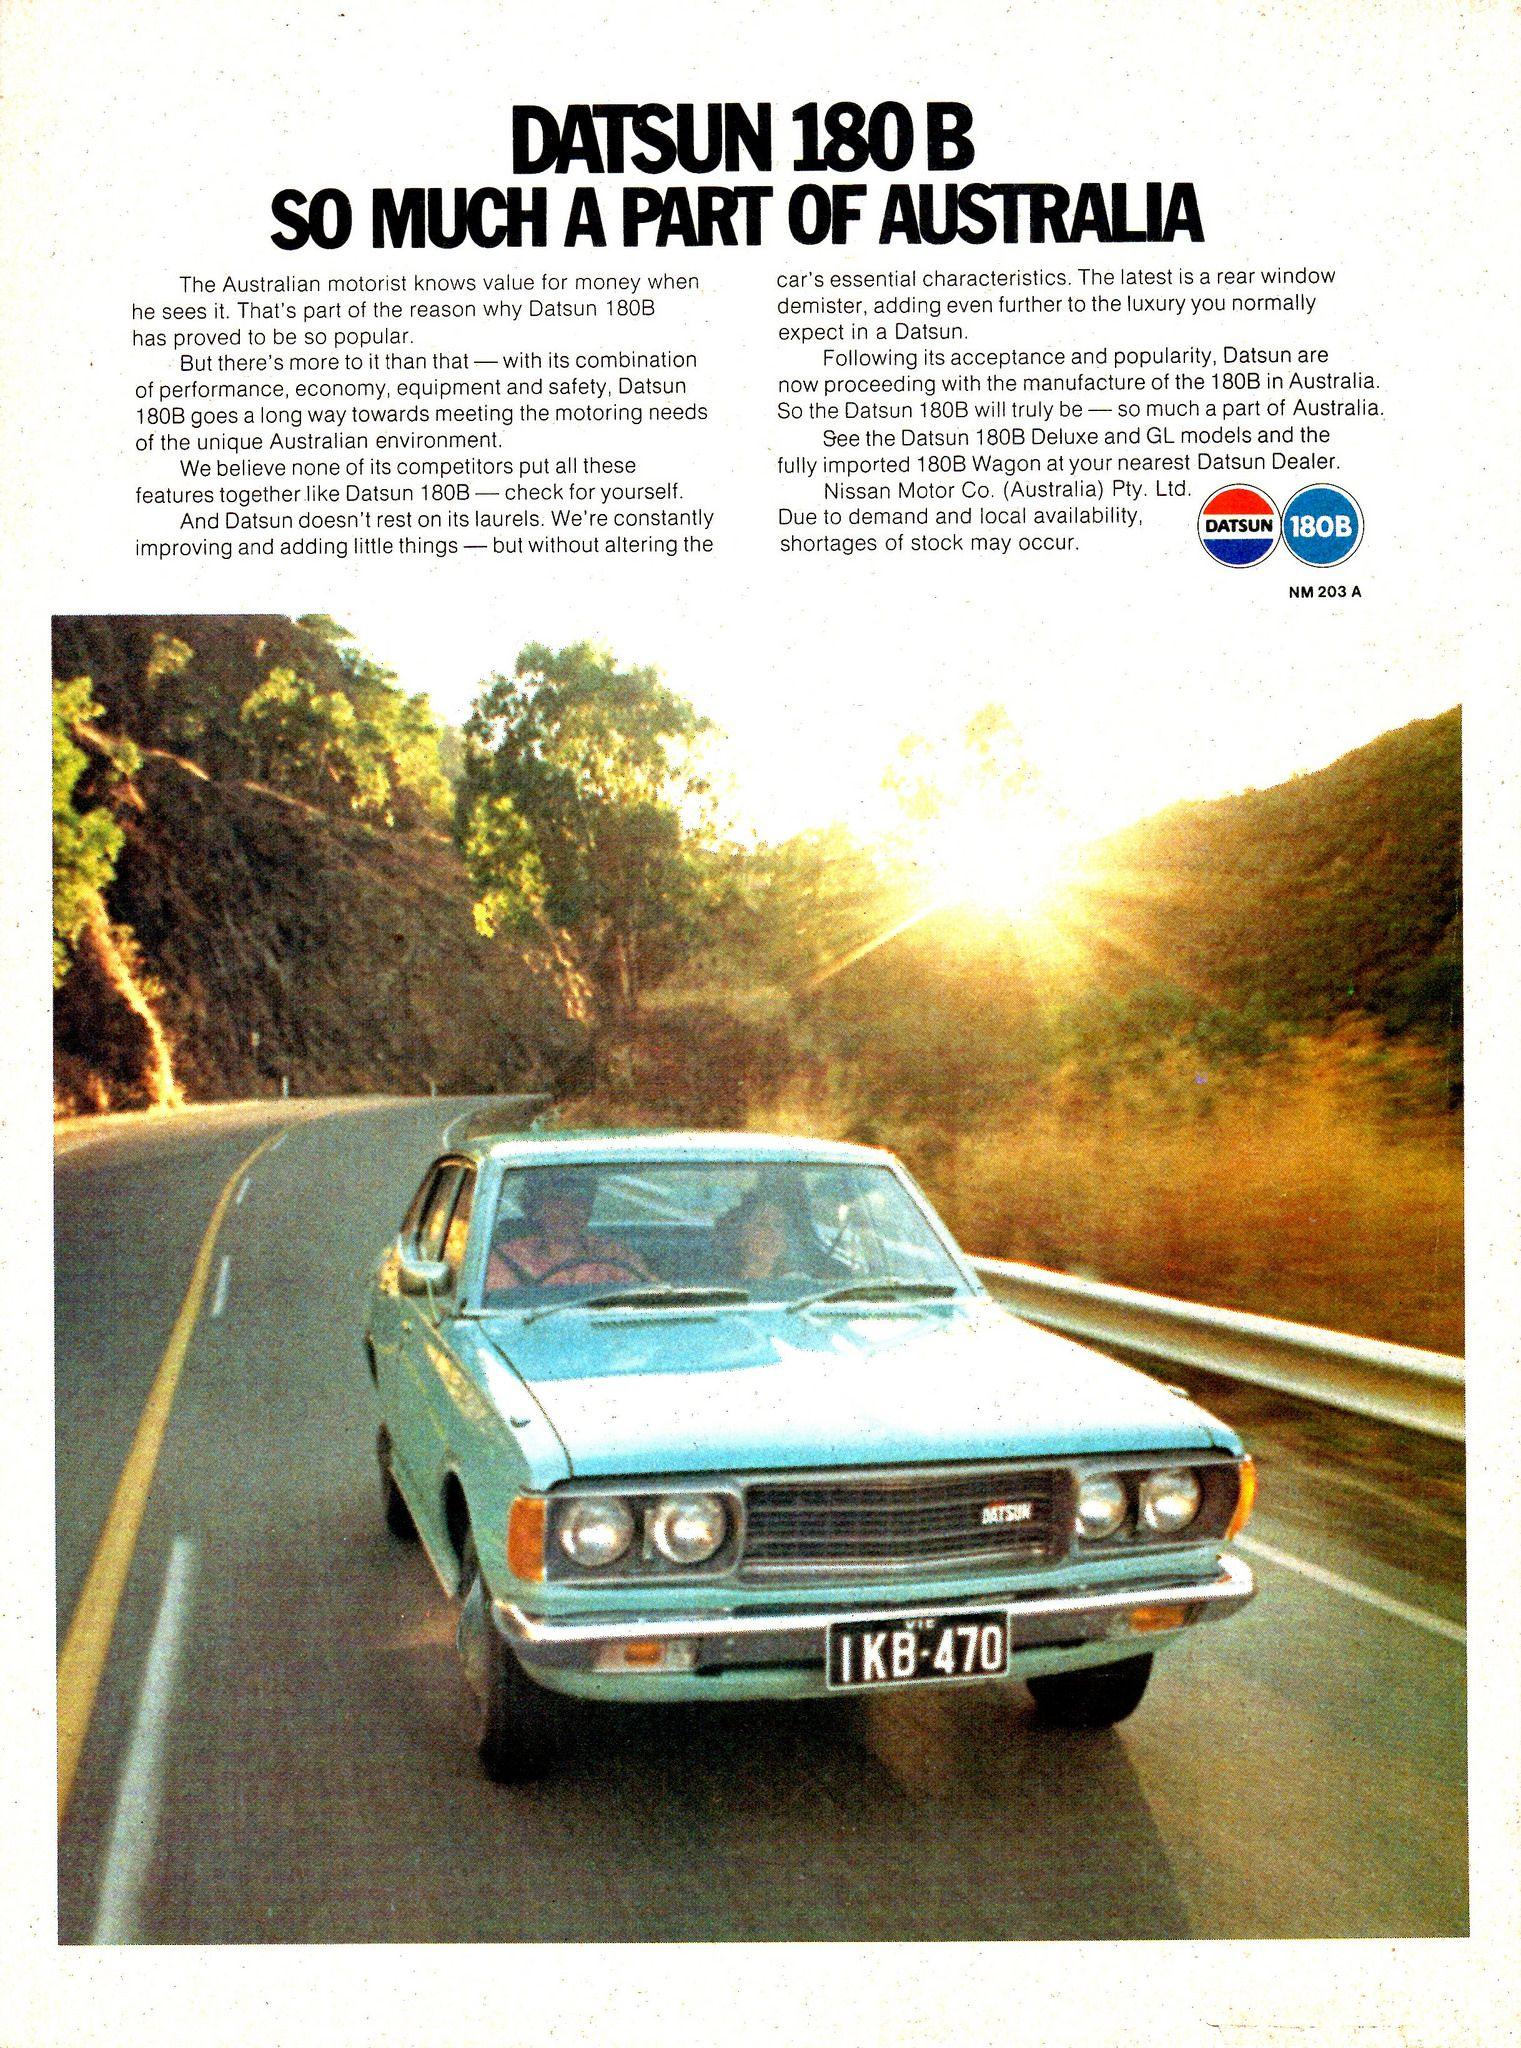 1976 datsun 180b nissan aussie magazine advertisement nissan